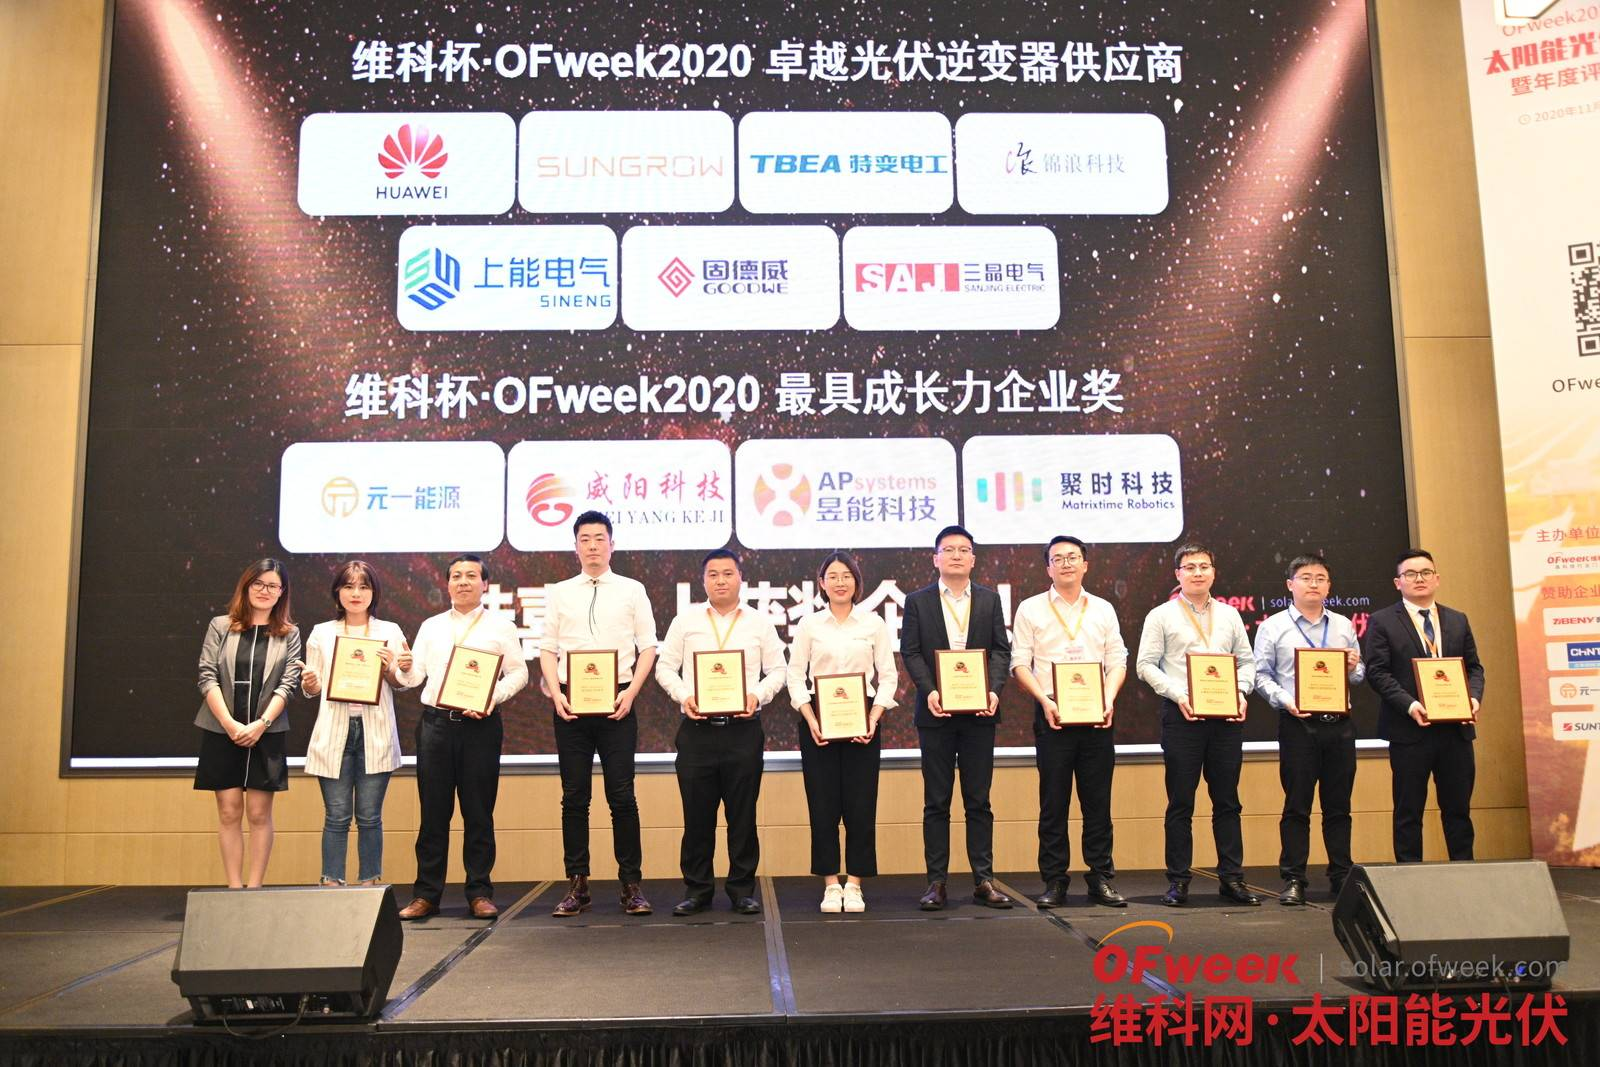 广州三晶电气股份有限公司荣获维科杯·OFweek2020卓越光伏逆变器供应商